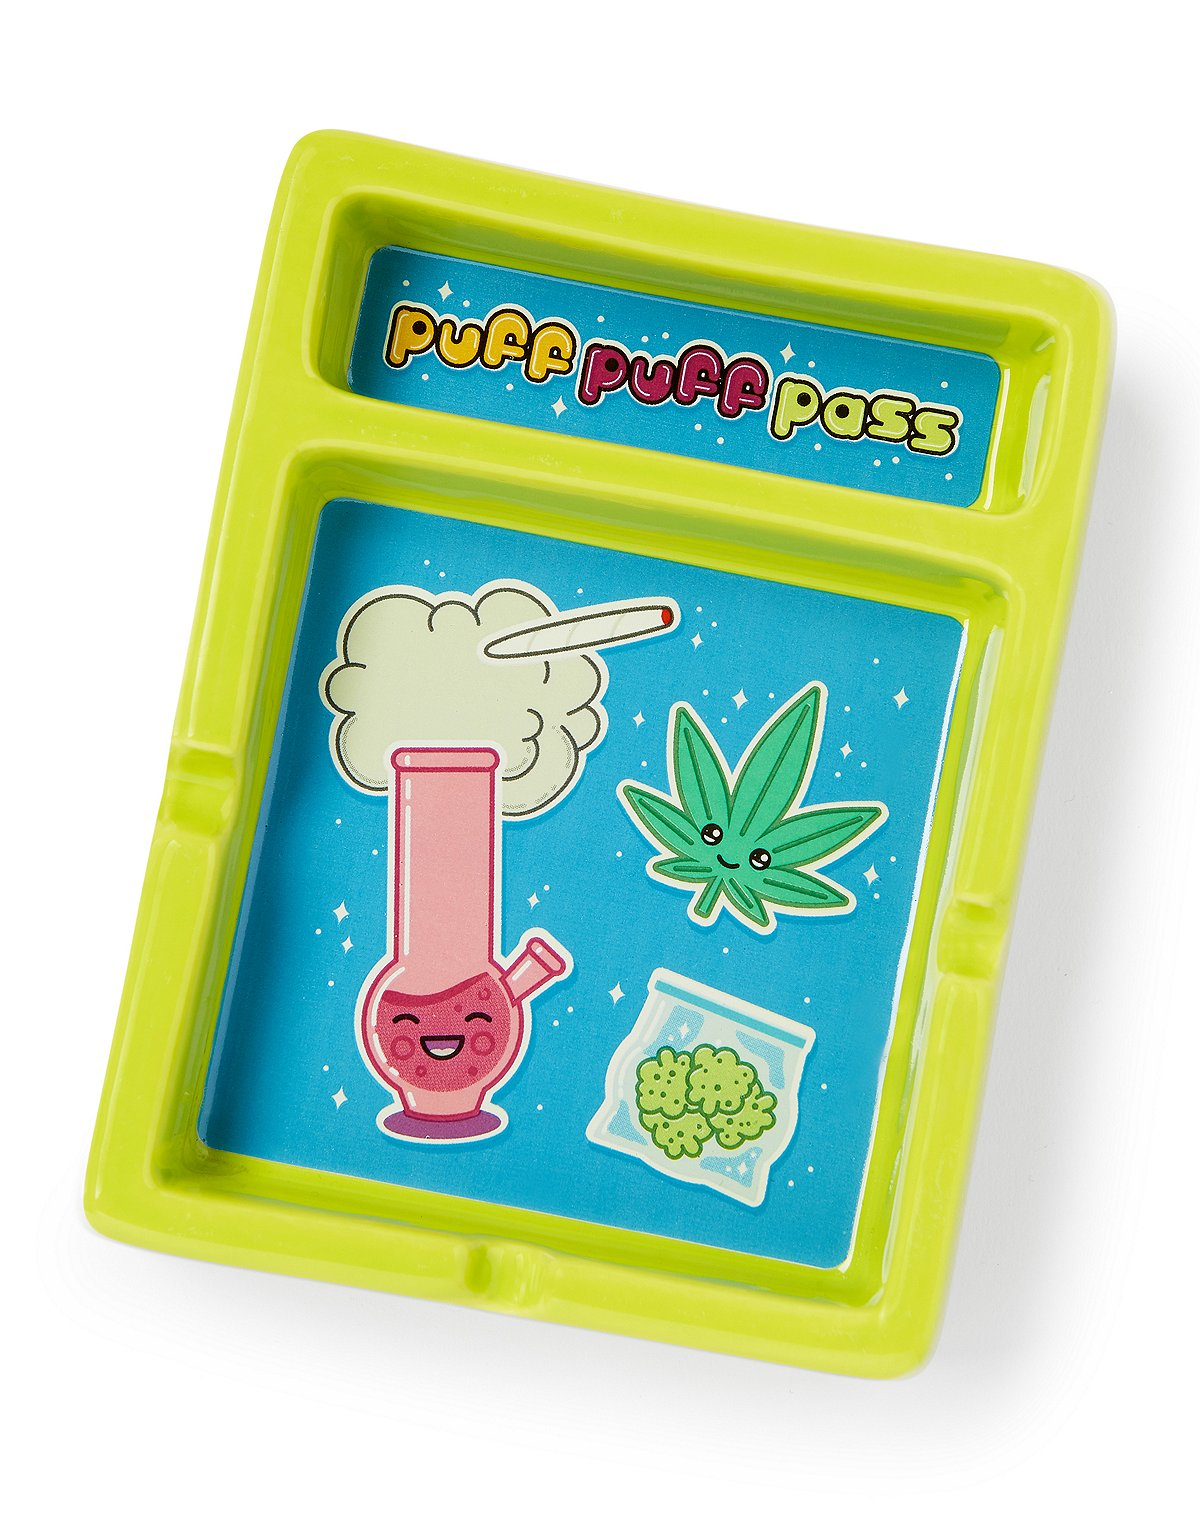 Puff Puff Pass Ashtray